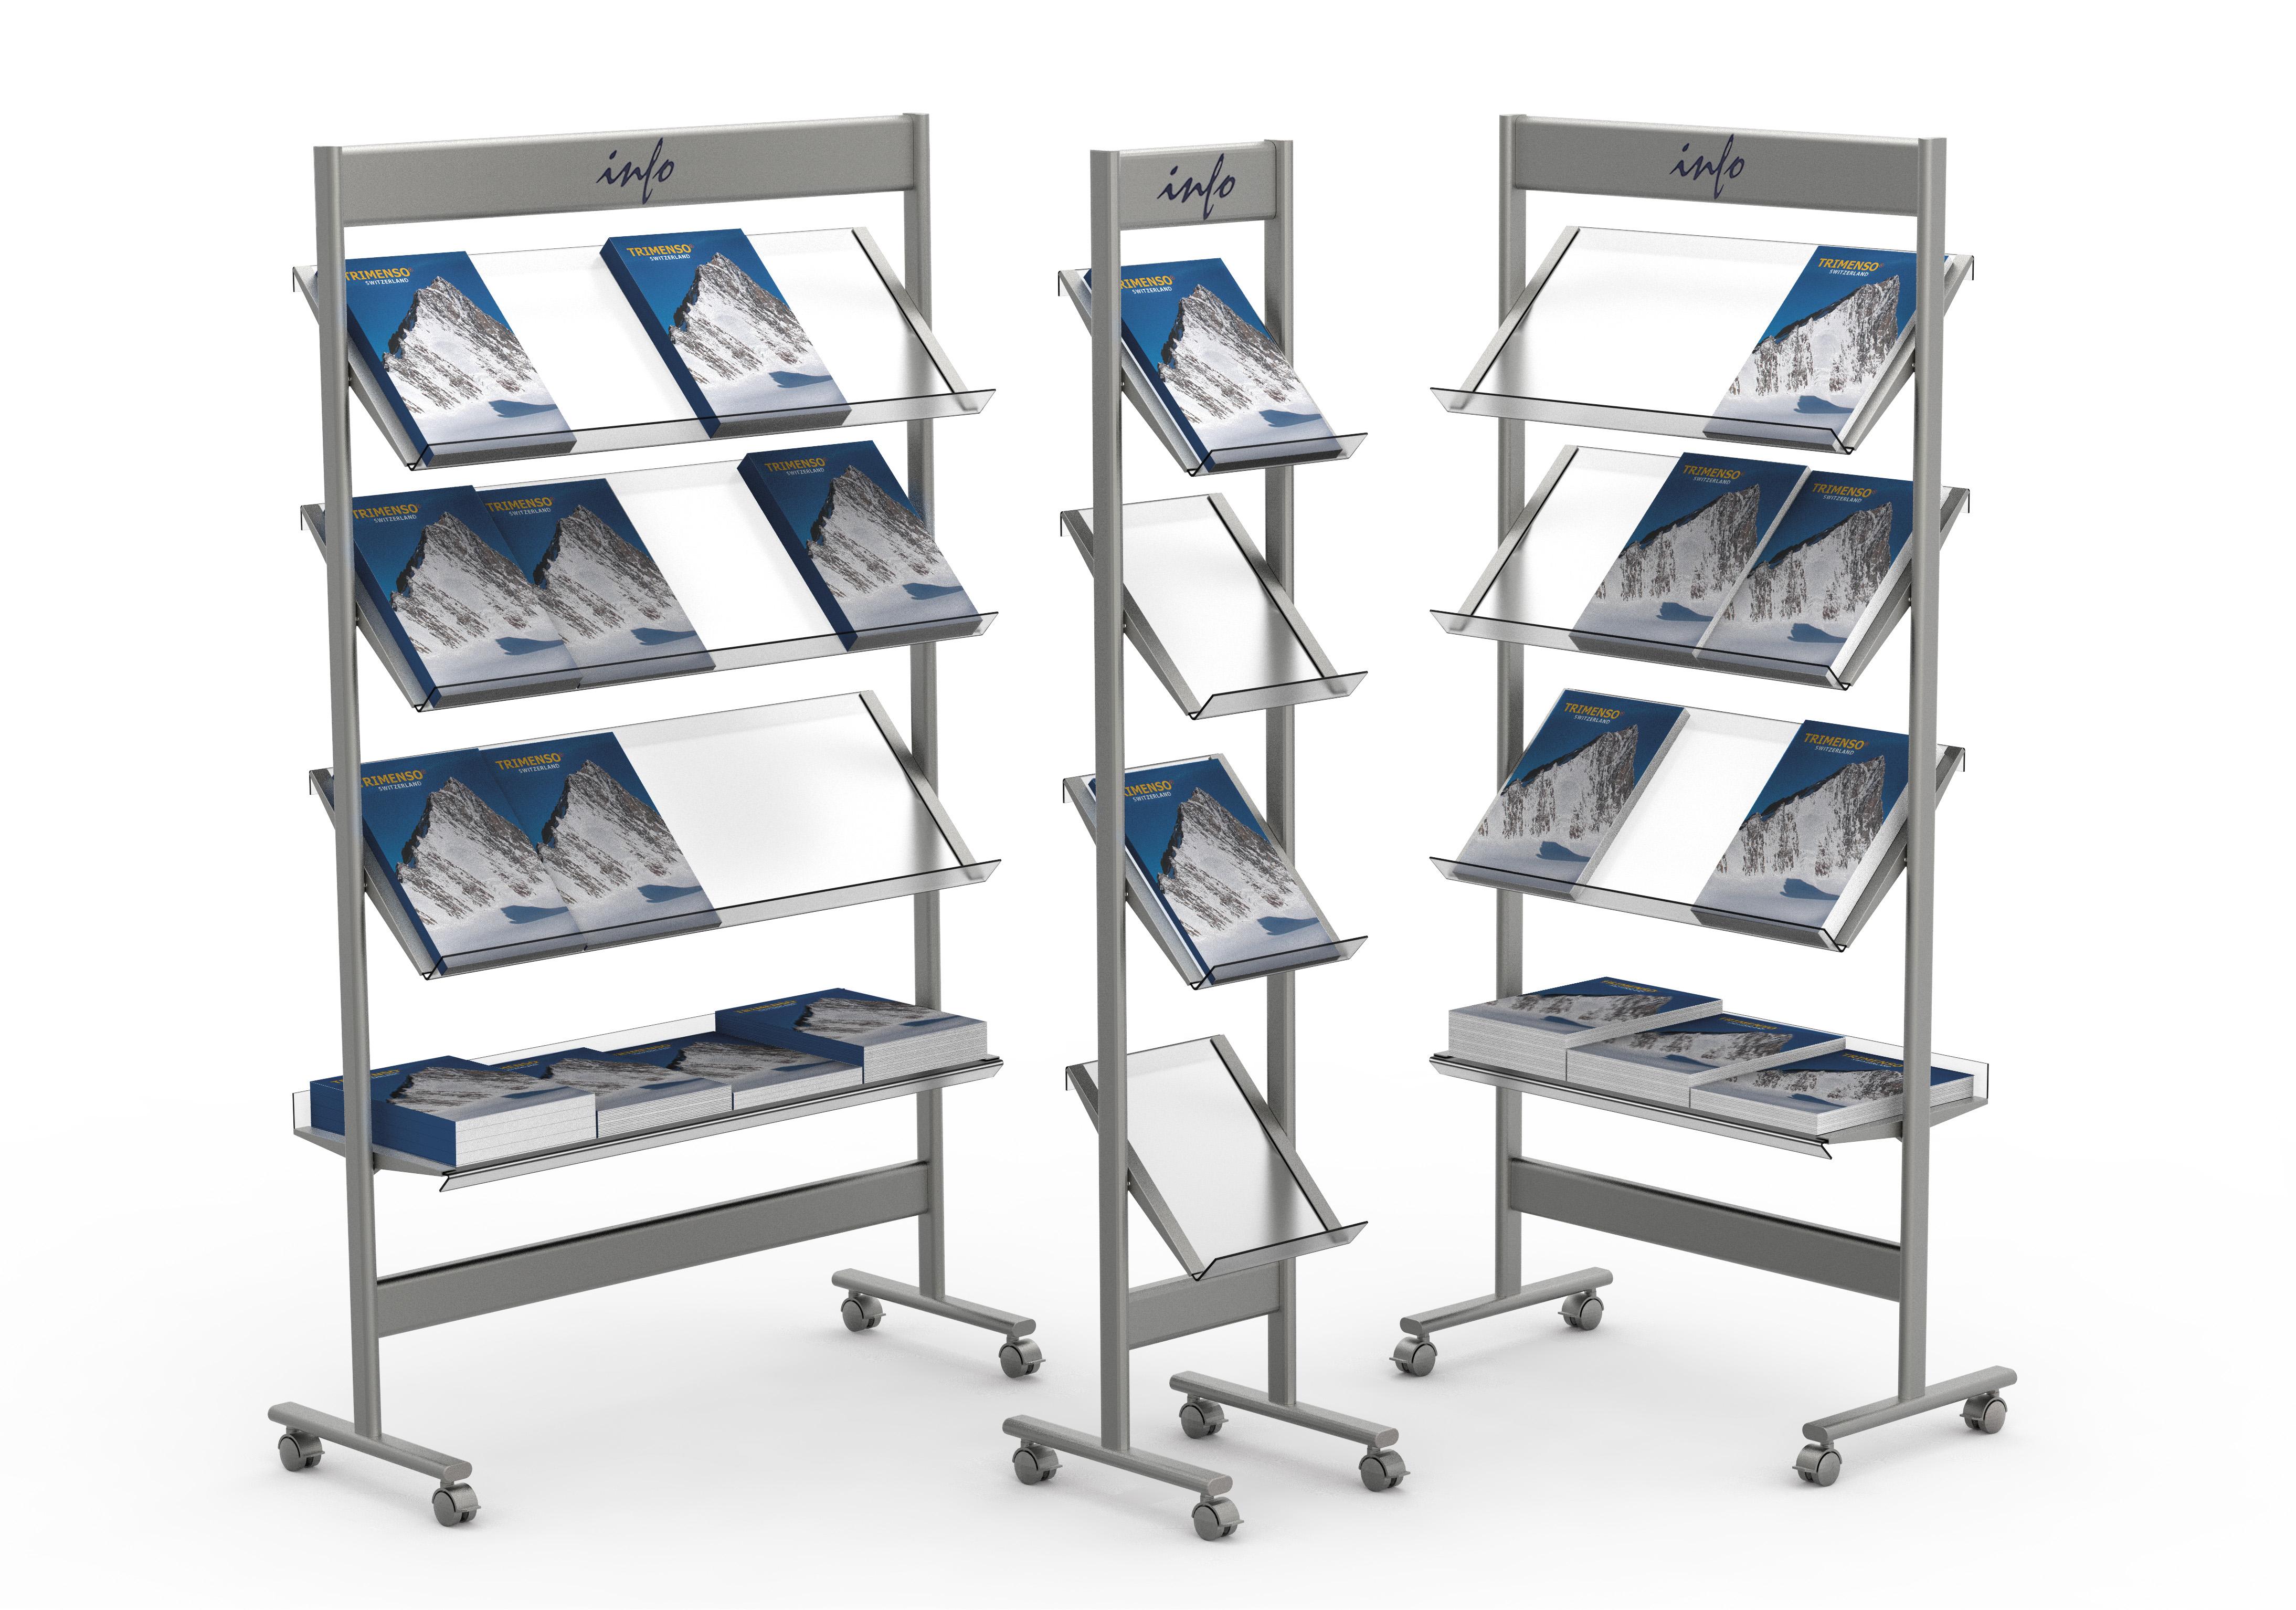 Prospektregale und Prospektständer metall fahrbar mit arretierbaren Rollen. Prospektfachboden geneigt.